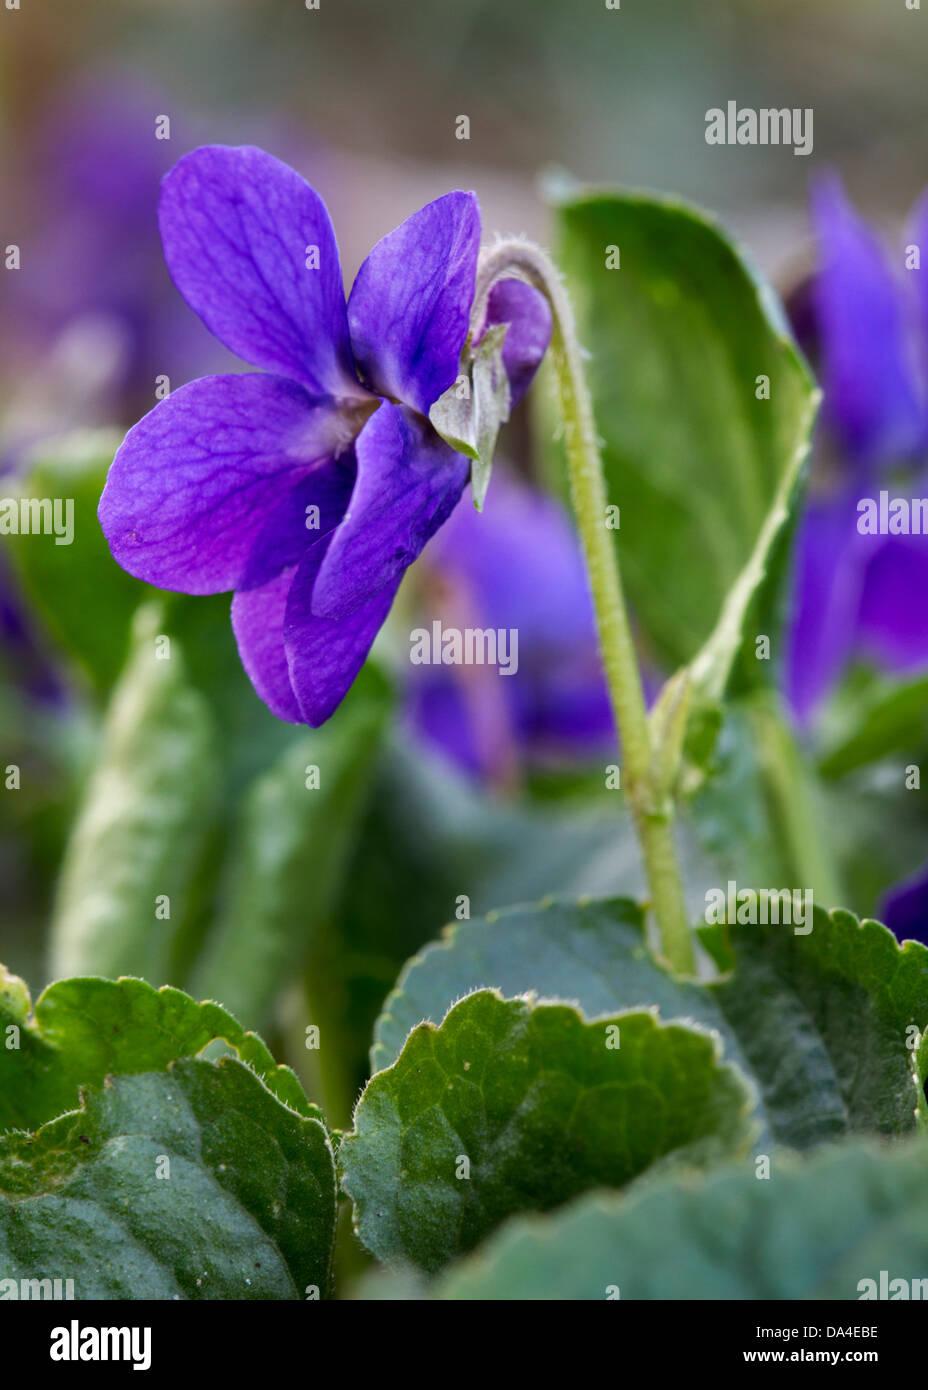 Violeta / madera dulce violetas / Inglés violeta (Viola odorata) en flor en primavera Foto de stock